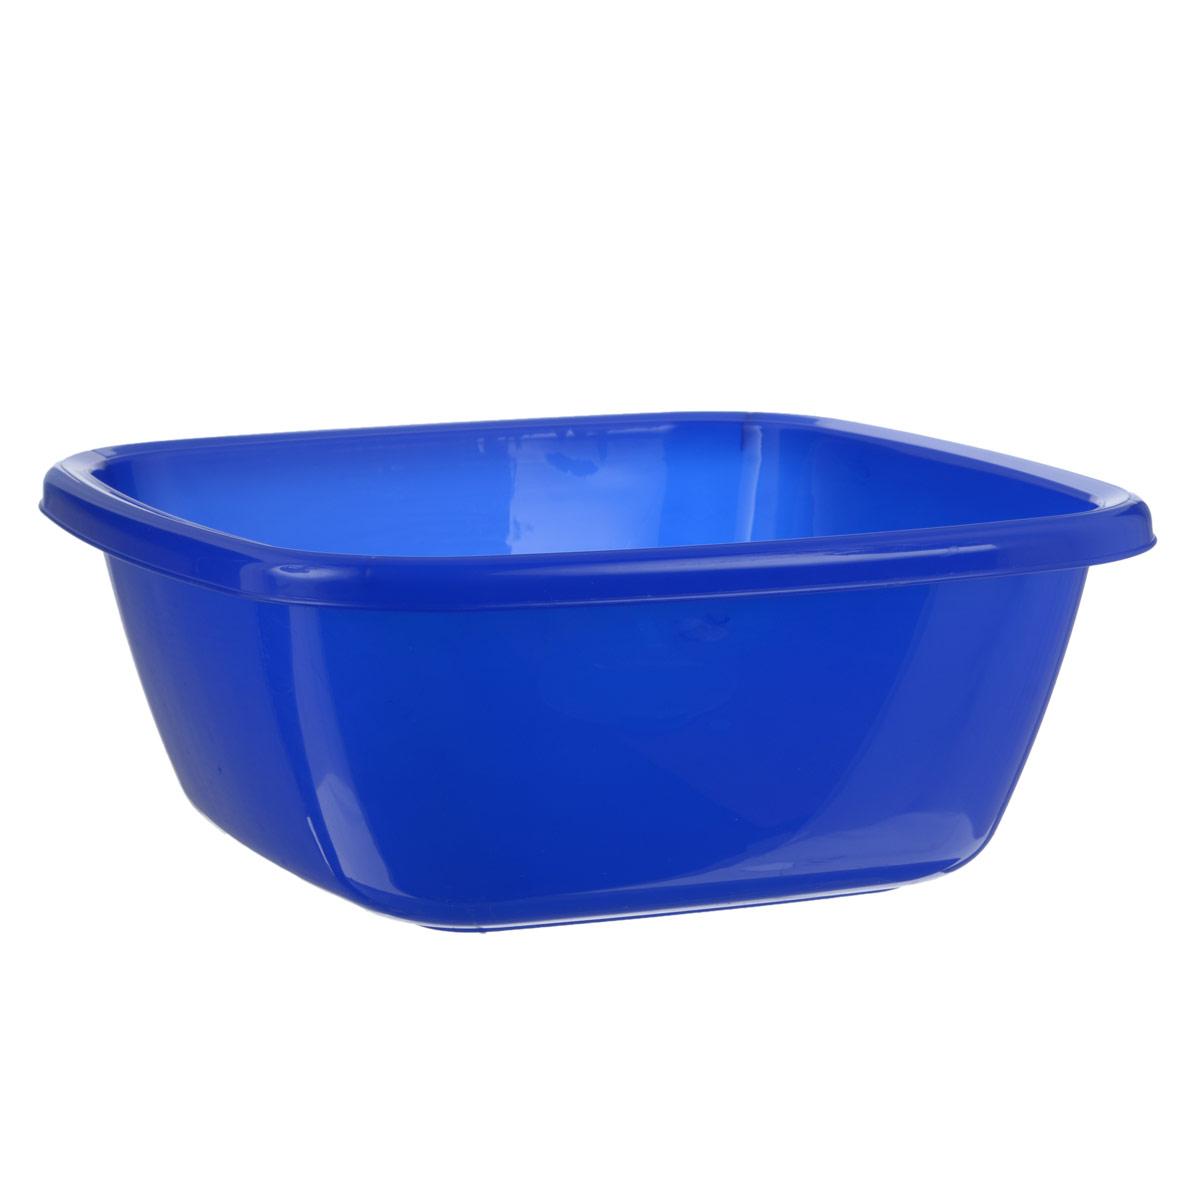 Таз Dunya Plastik, цвет: синий, 9,5 л10118Таз Dunya Plastik выполнен из прочного пластика. Он предназначен для стирки и хранения разных вещей. По бокам имеются удобные углубления, которые обеспечивают удобный захват. Таз пригодится в любом хозяйстве. Размер: 37 см х 37 см х 16 см. Объем: 9,5 л.